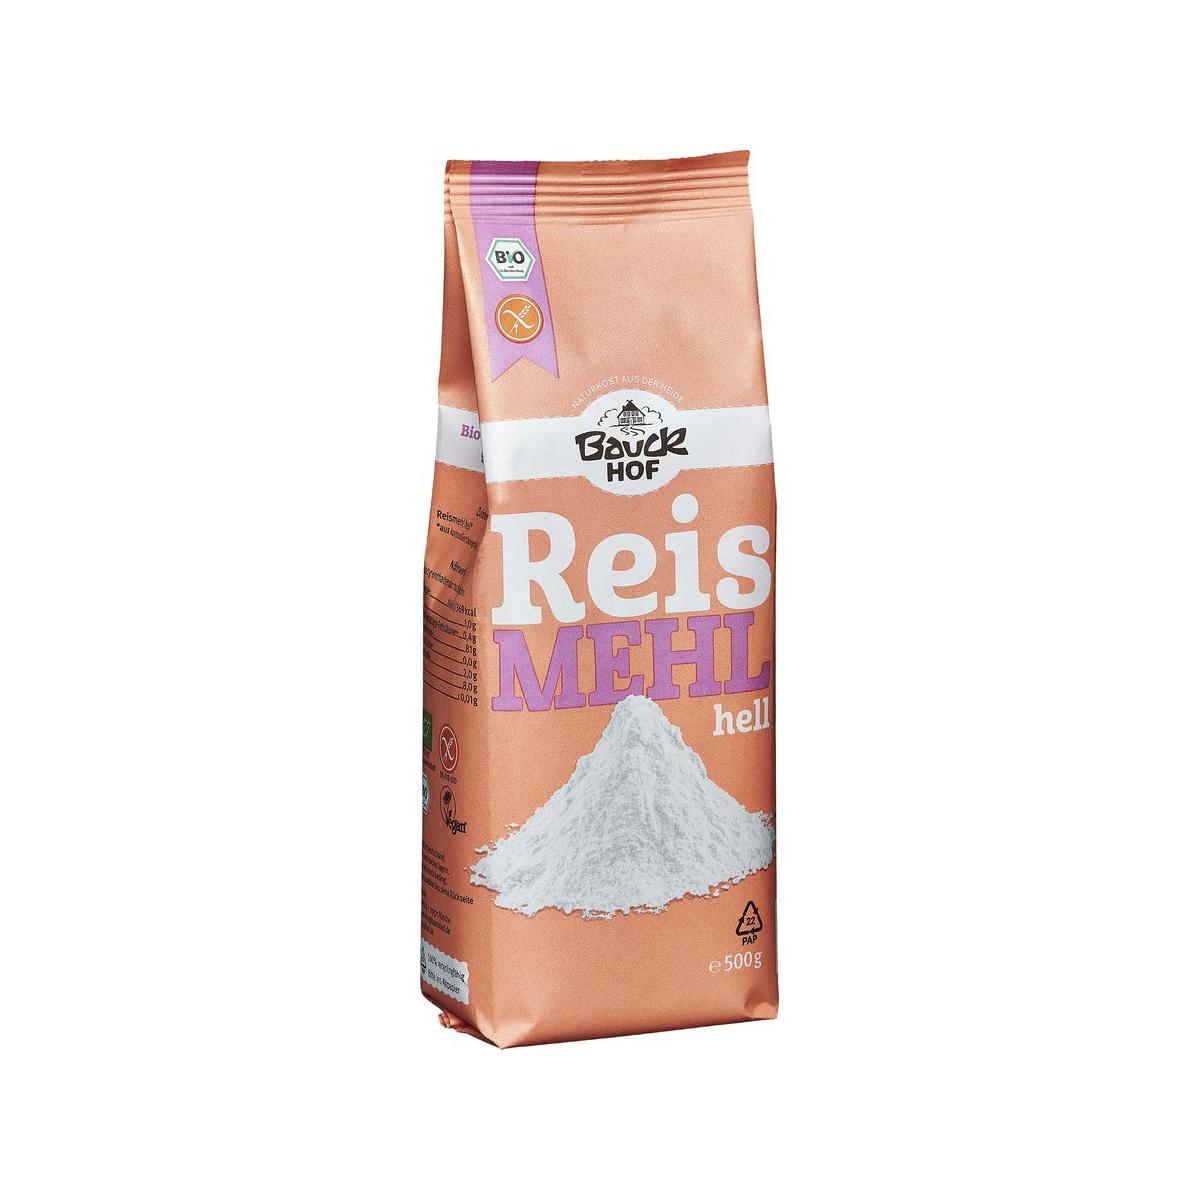 Bio Reismehl Hell glutenfrei Bauck